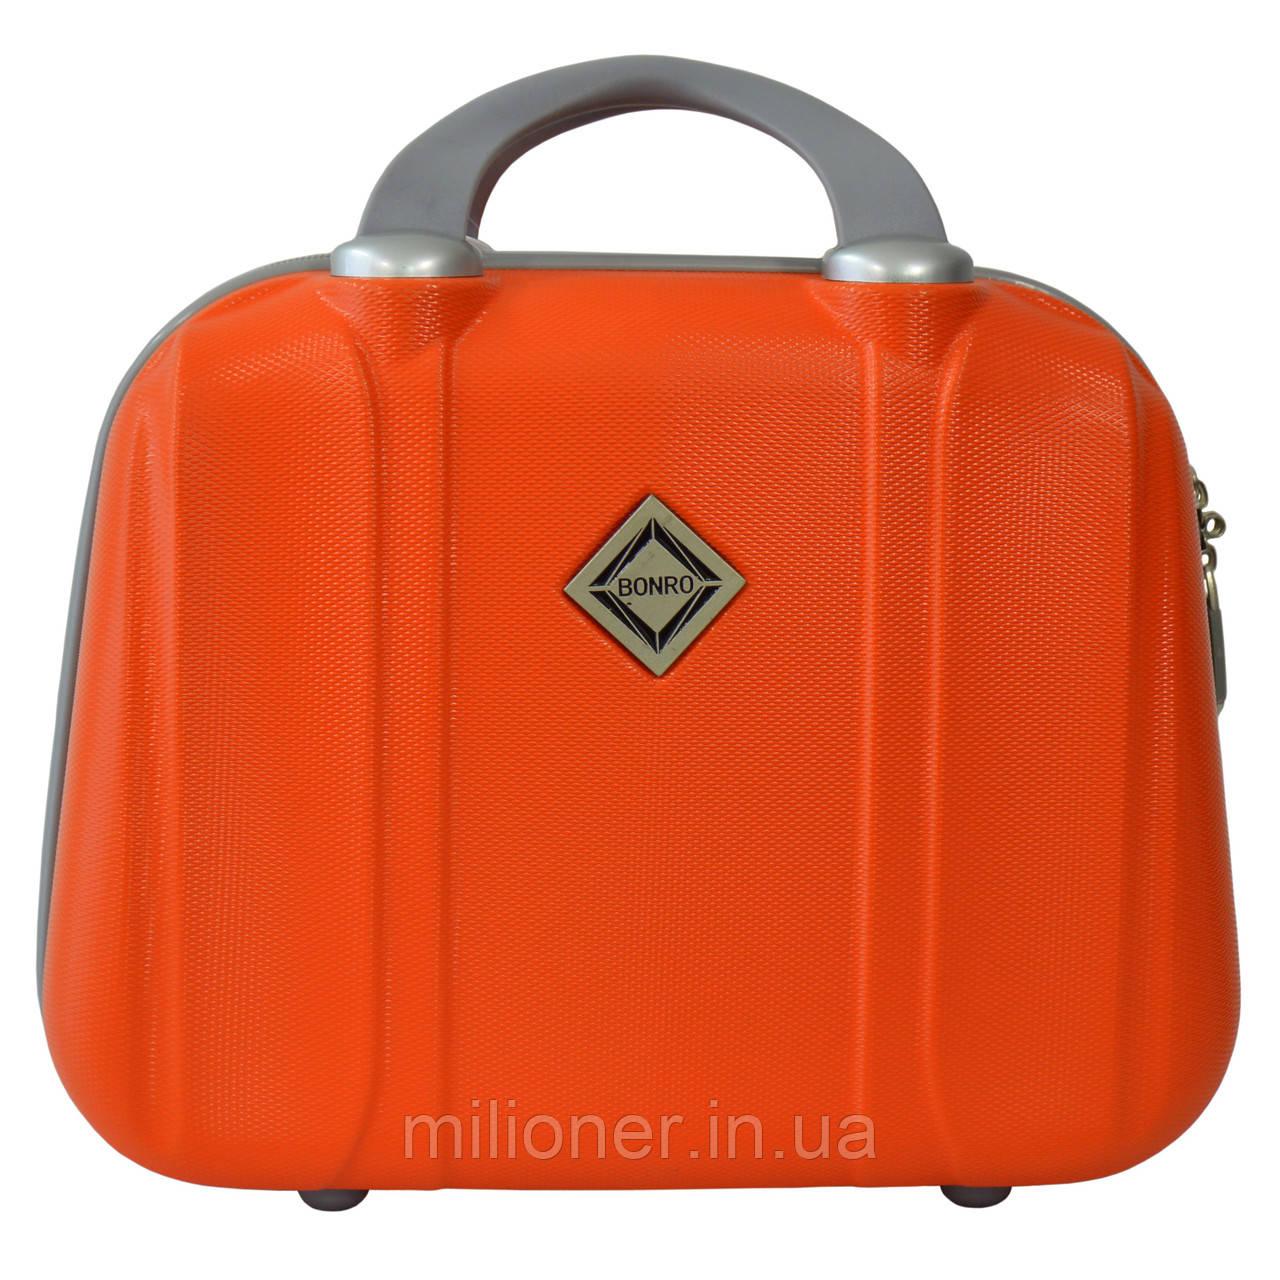 Сумка кейс саквояж Bonro Smile (средний) оранжевый (orange 609)